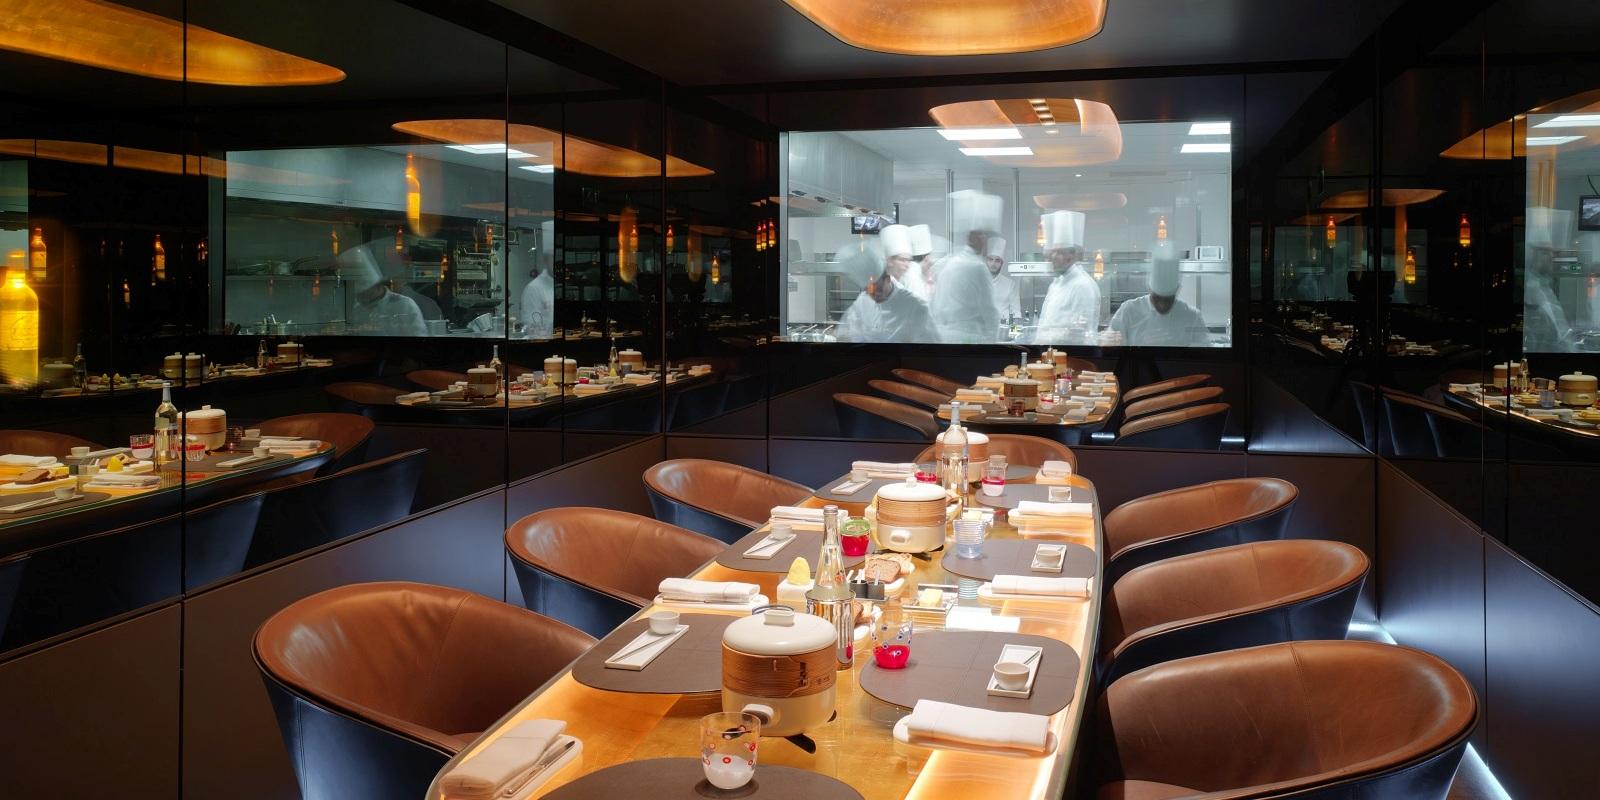 La table du chef d ner dans les cuisines d 39 un grand restaurant emotions - La table des chefs cambrai ...